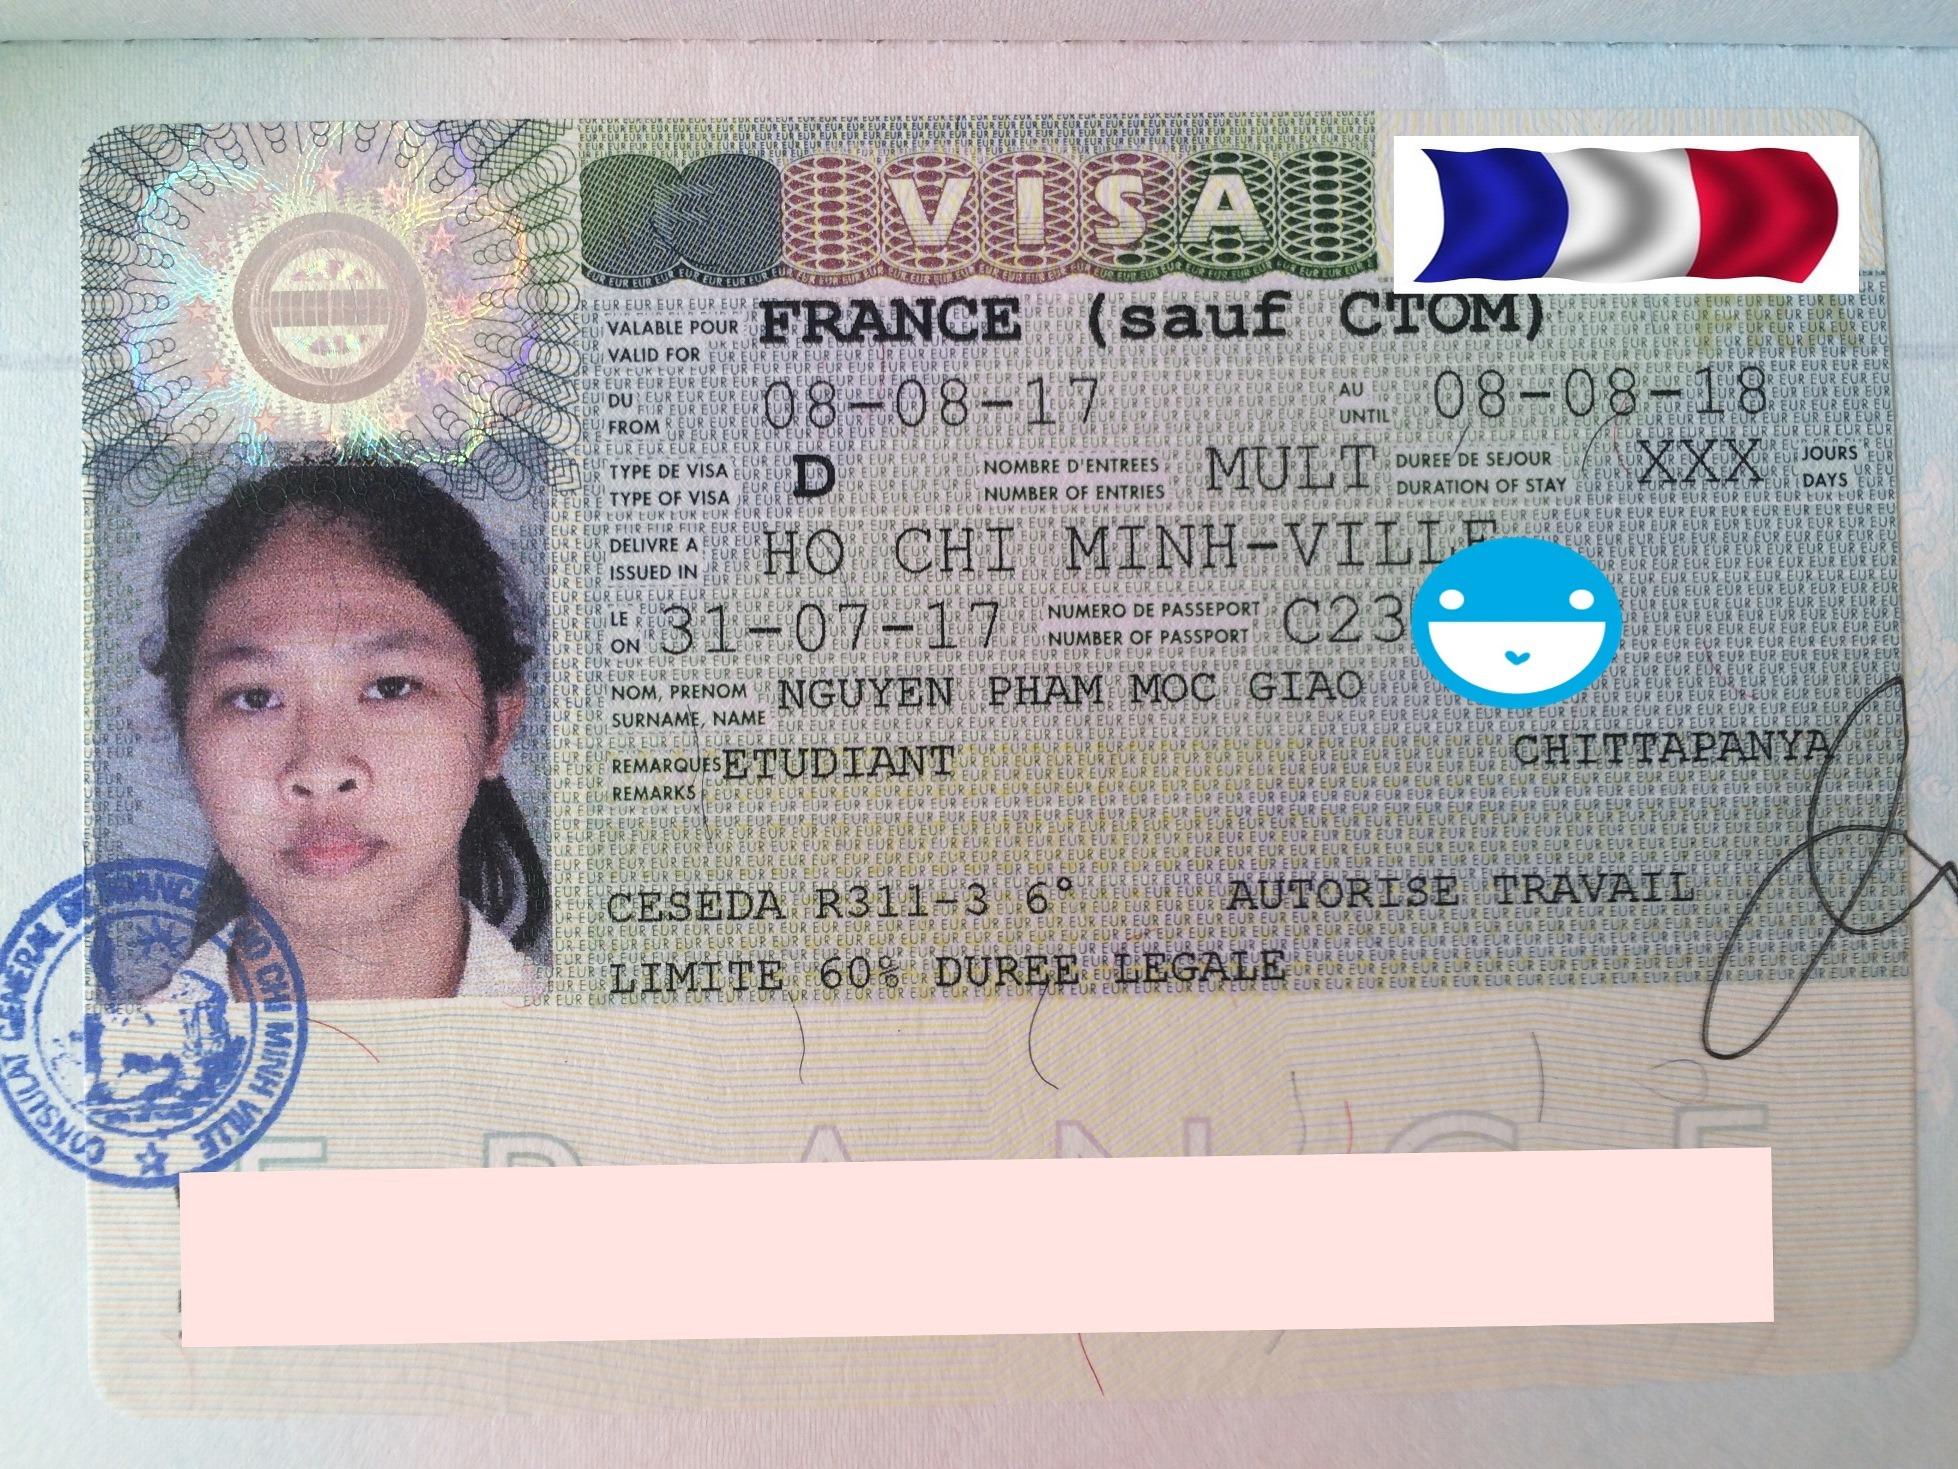 Chúc mừng bạn Nguyễn Phạm Mộc Giao nhận được visa du học Pháp